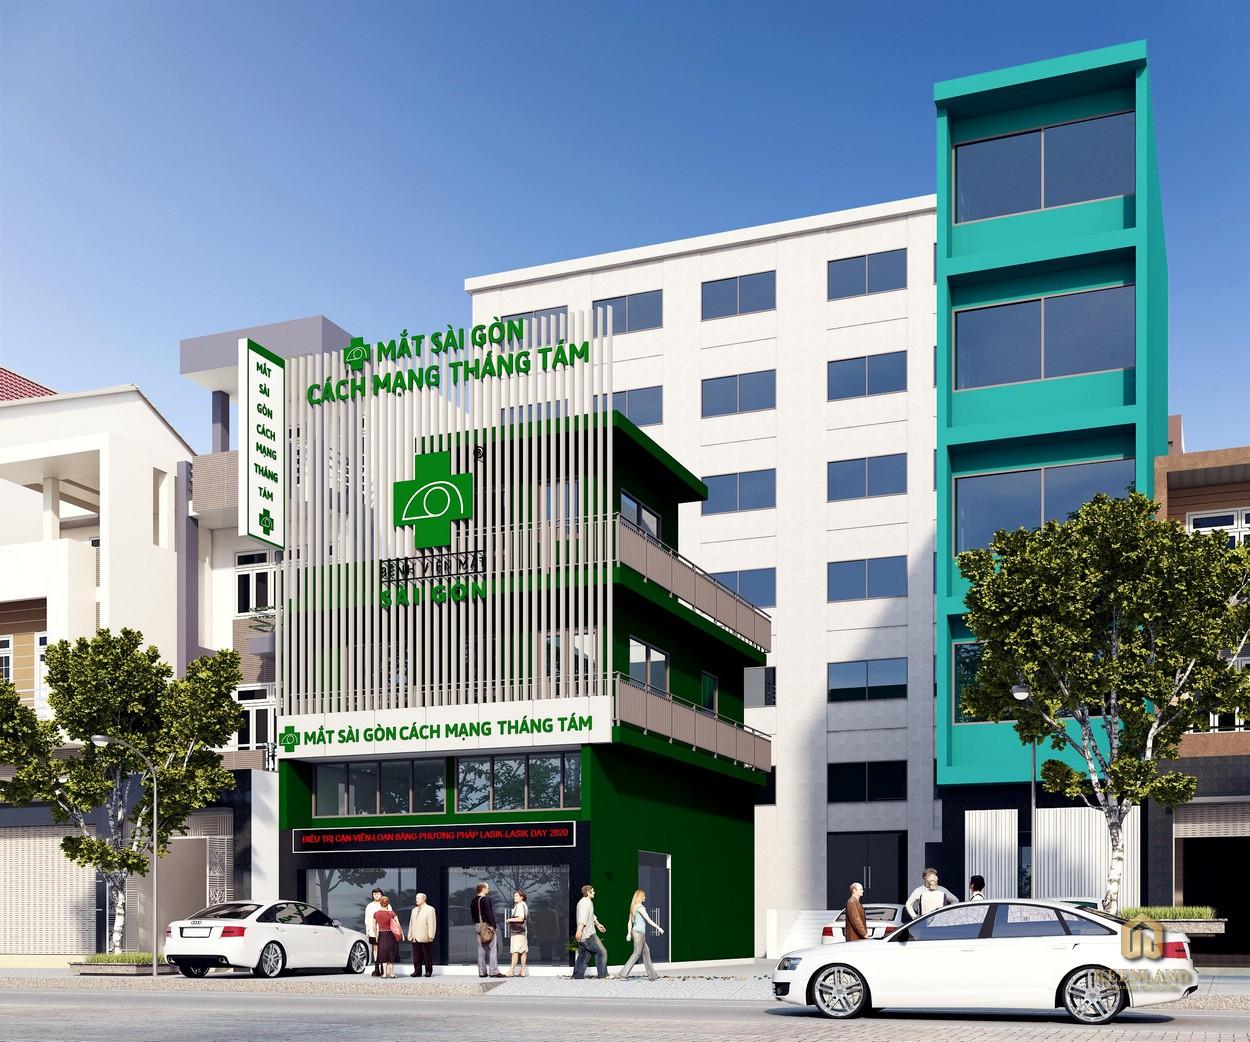 Bệnh viện Mắt Sài Gòn - Tiện ích ngoại khu dự án 363 Hoàng Sa